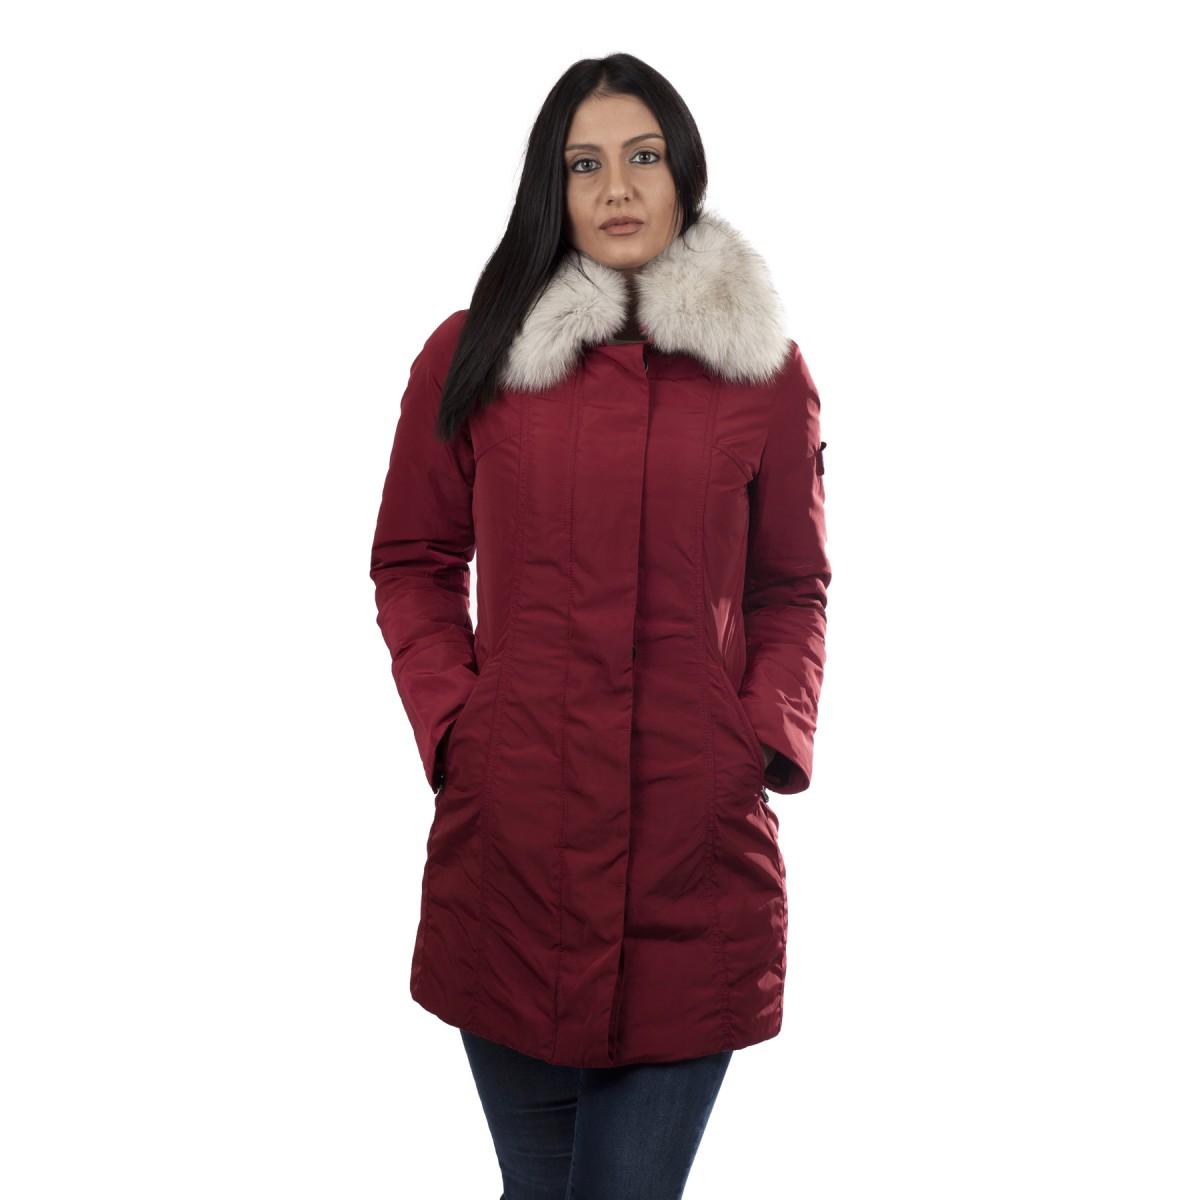 superior quality 98f0c 5abae Peuterey Giaccone Donna Metropolitan con Collo in Volpe Rosso